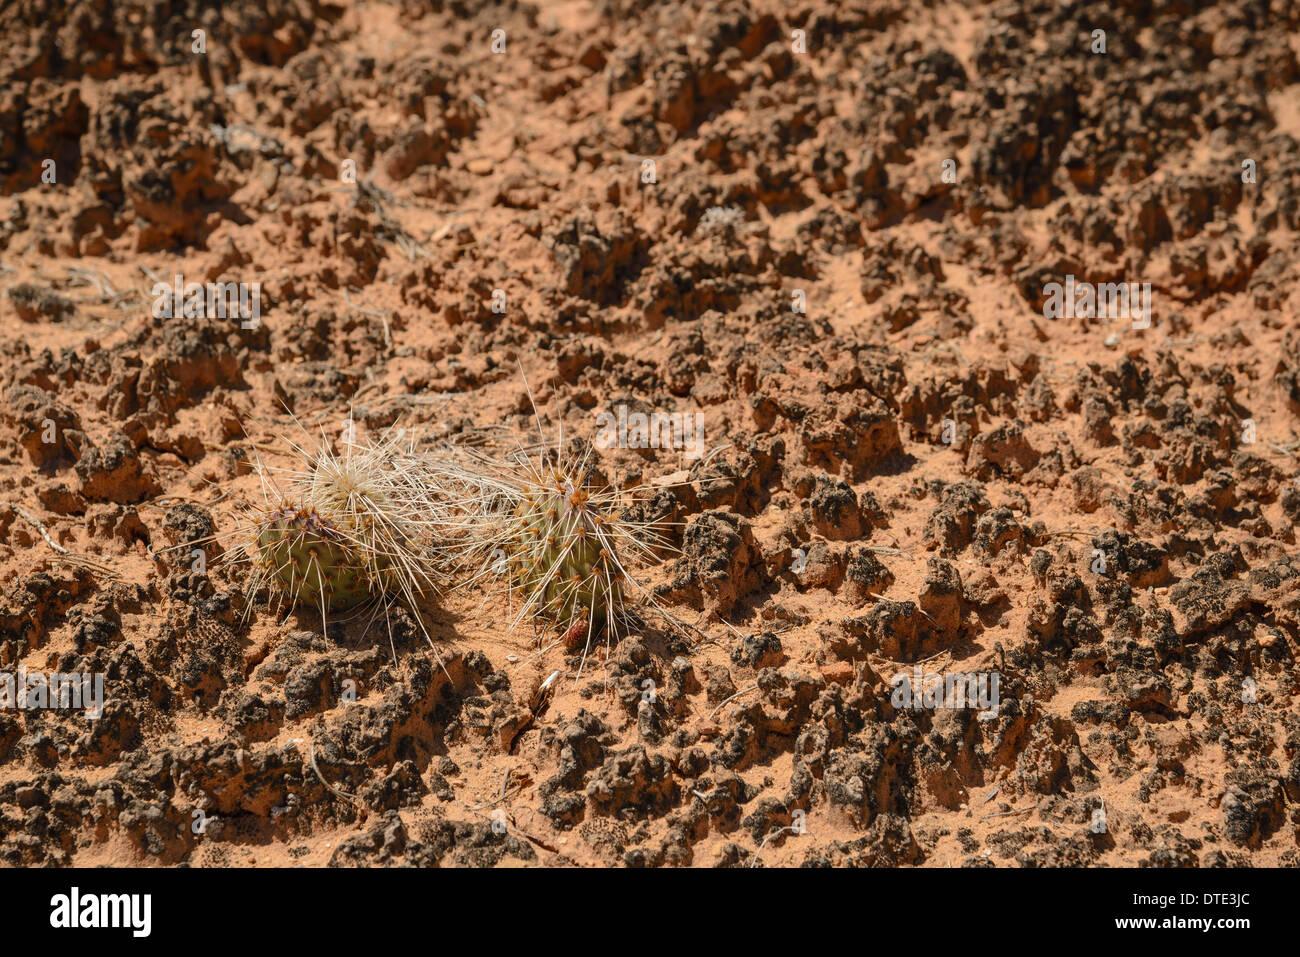 Croûte de sol biologique, les aiguilles de Canyonlands National Park, Utah, USA Photo Stock